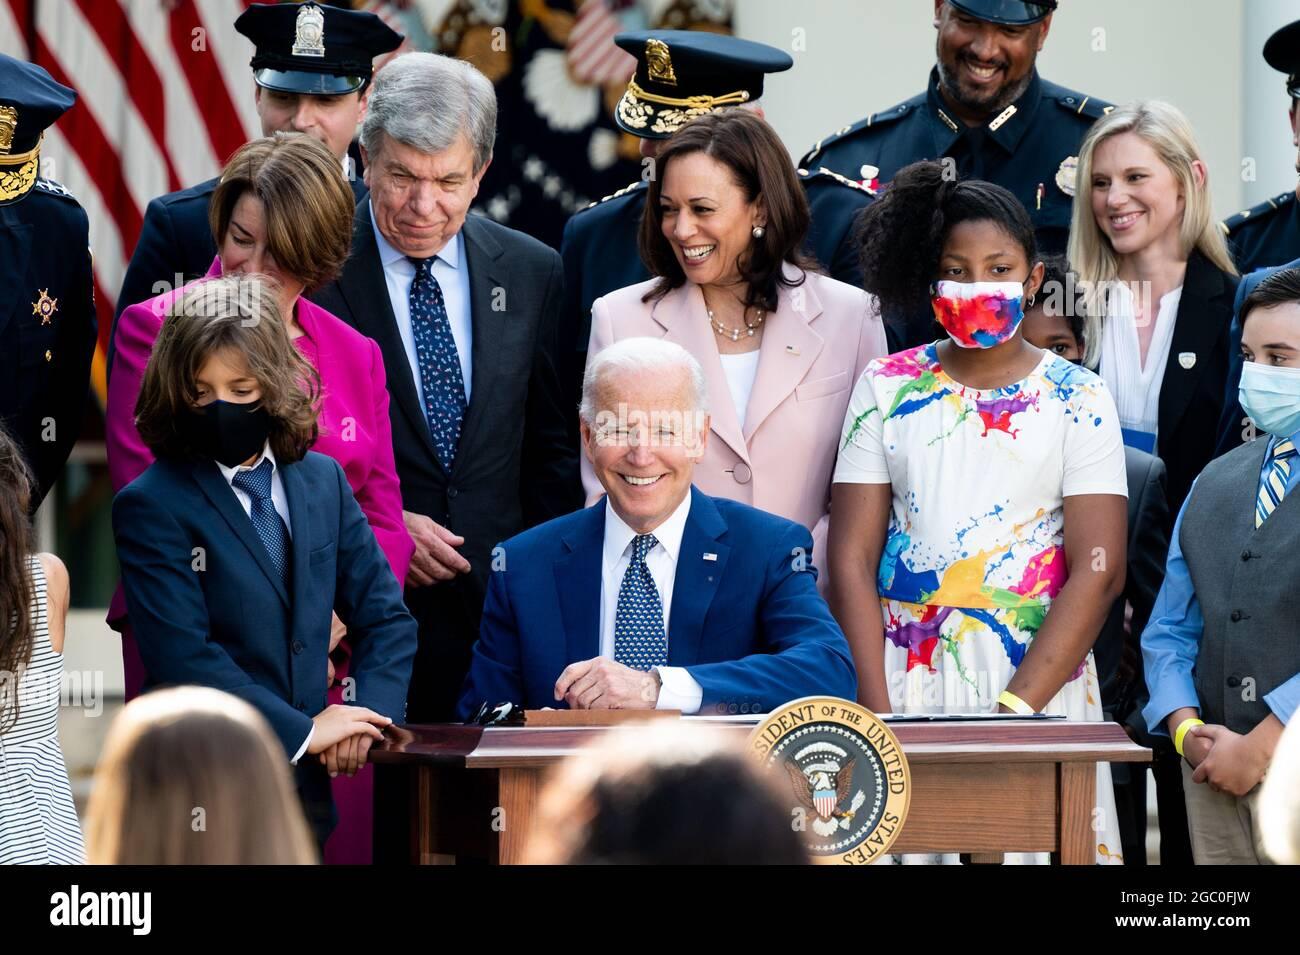 Washington, Stati Uniti. 05 agosto 2021. Il presidente Joe Biden firma la S.R. 3325 che assegna le medaglie d'oro del Congresso alla polizia del Campidoglio degli Stati Uniti e alla polizia metropolitana della DC per il loro lavoro il 6 gennaio. Credit: SOPA Images Limited/Alamy Live News Foto Stock